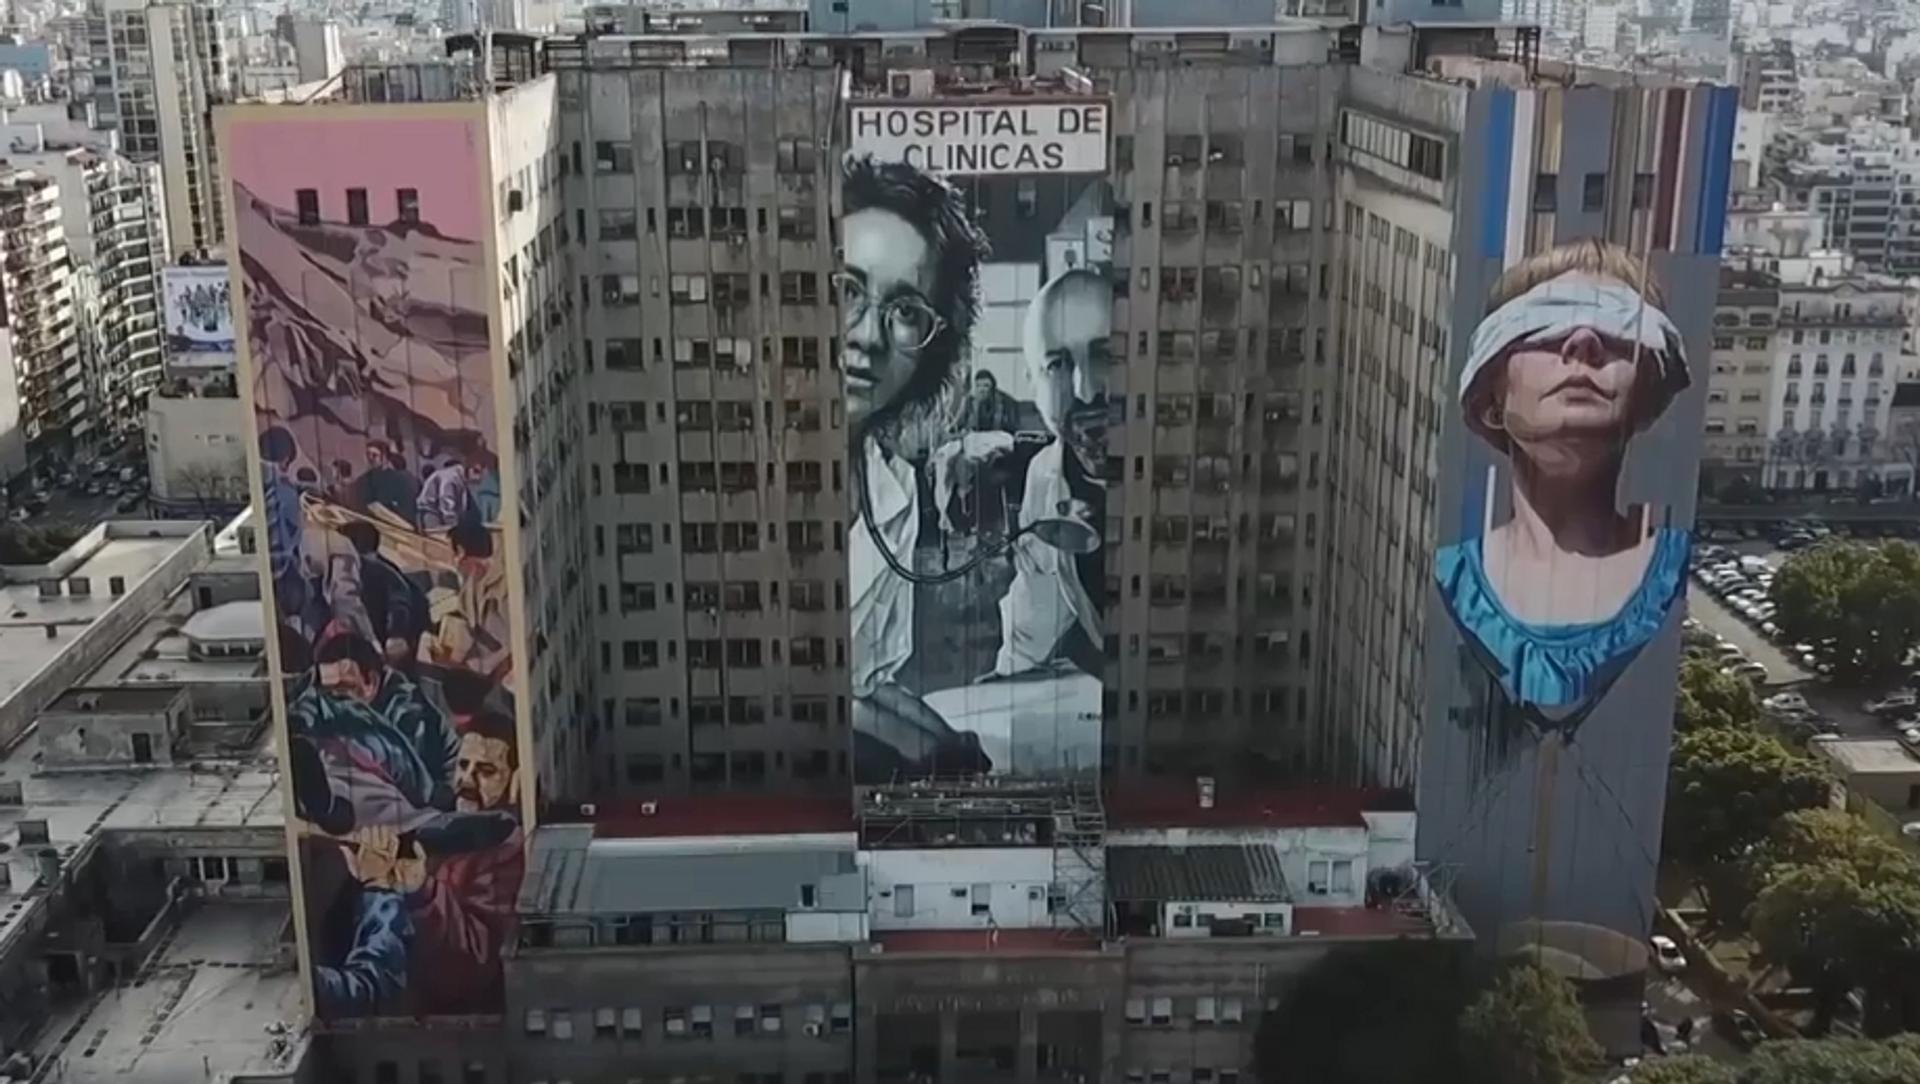 Tres murales en Argentina para recordar el atentado a la AMIA - Sputnik Mundo, 1920, 18.07.2019